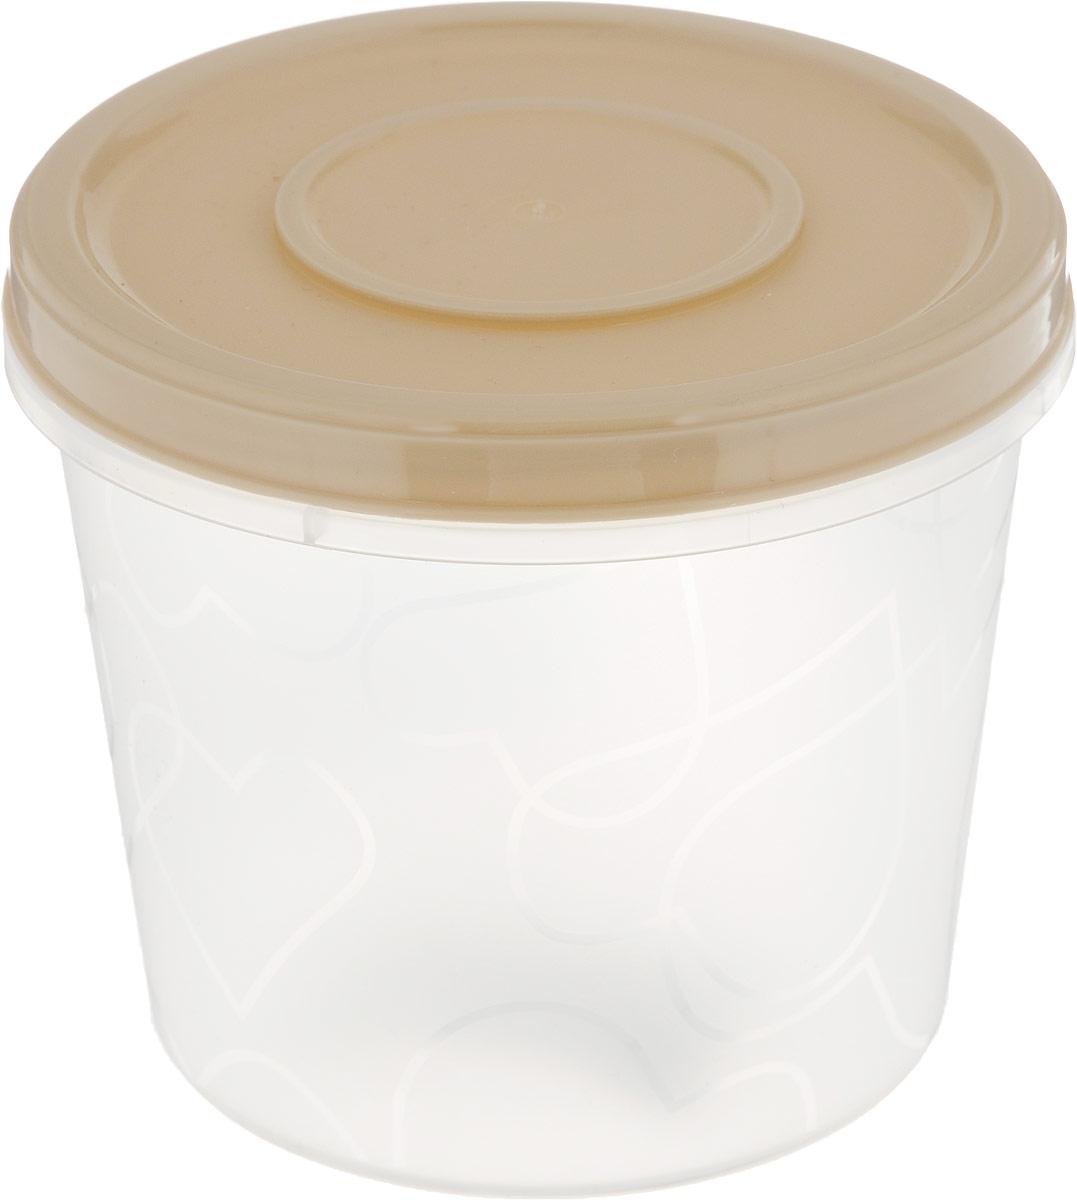 Емкость для продуктов Giaretti Микс зима, с завинчивающейся крышкой, цвет: кофейный, прозрачный, 700 млGR1888_кофейныйЕмкость для продуктов Giaretti Браво изготовлена из пищевогополипропилена. Крышкахорошо завинчивается, дольше сохраняя продукты свежими. Боковые стенкипрозрачные, чтопозволяет видеть содержимое.Емкость идеально подходит для храненияпищи, фруктов,ягод, овощей.Такая емкость пригодится в любом хозяйстве.